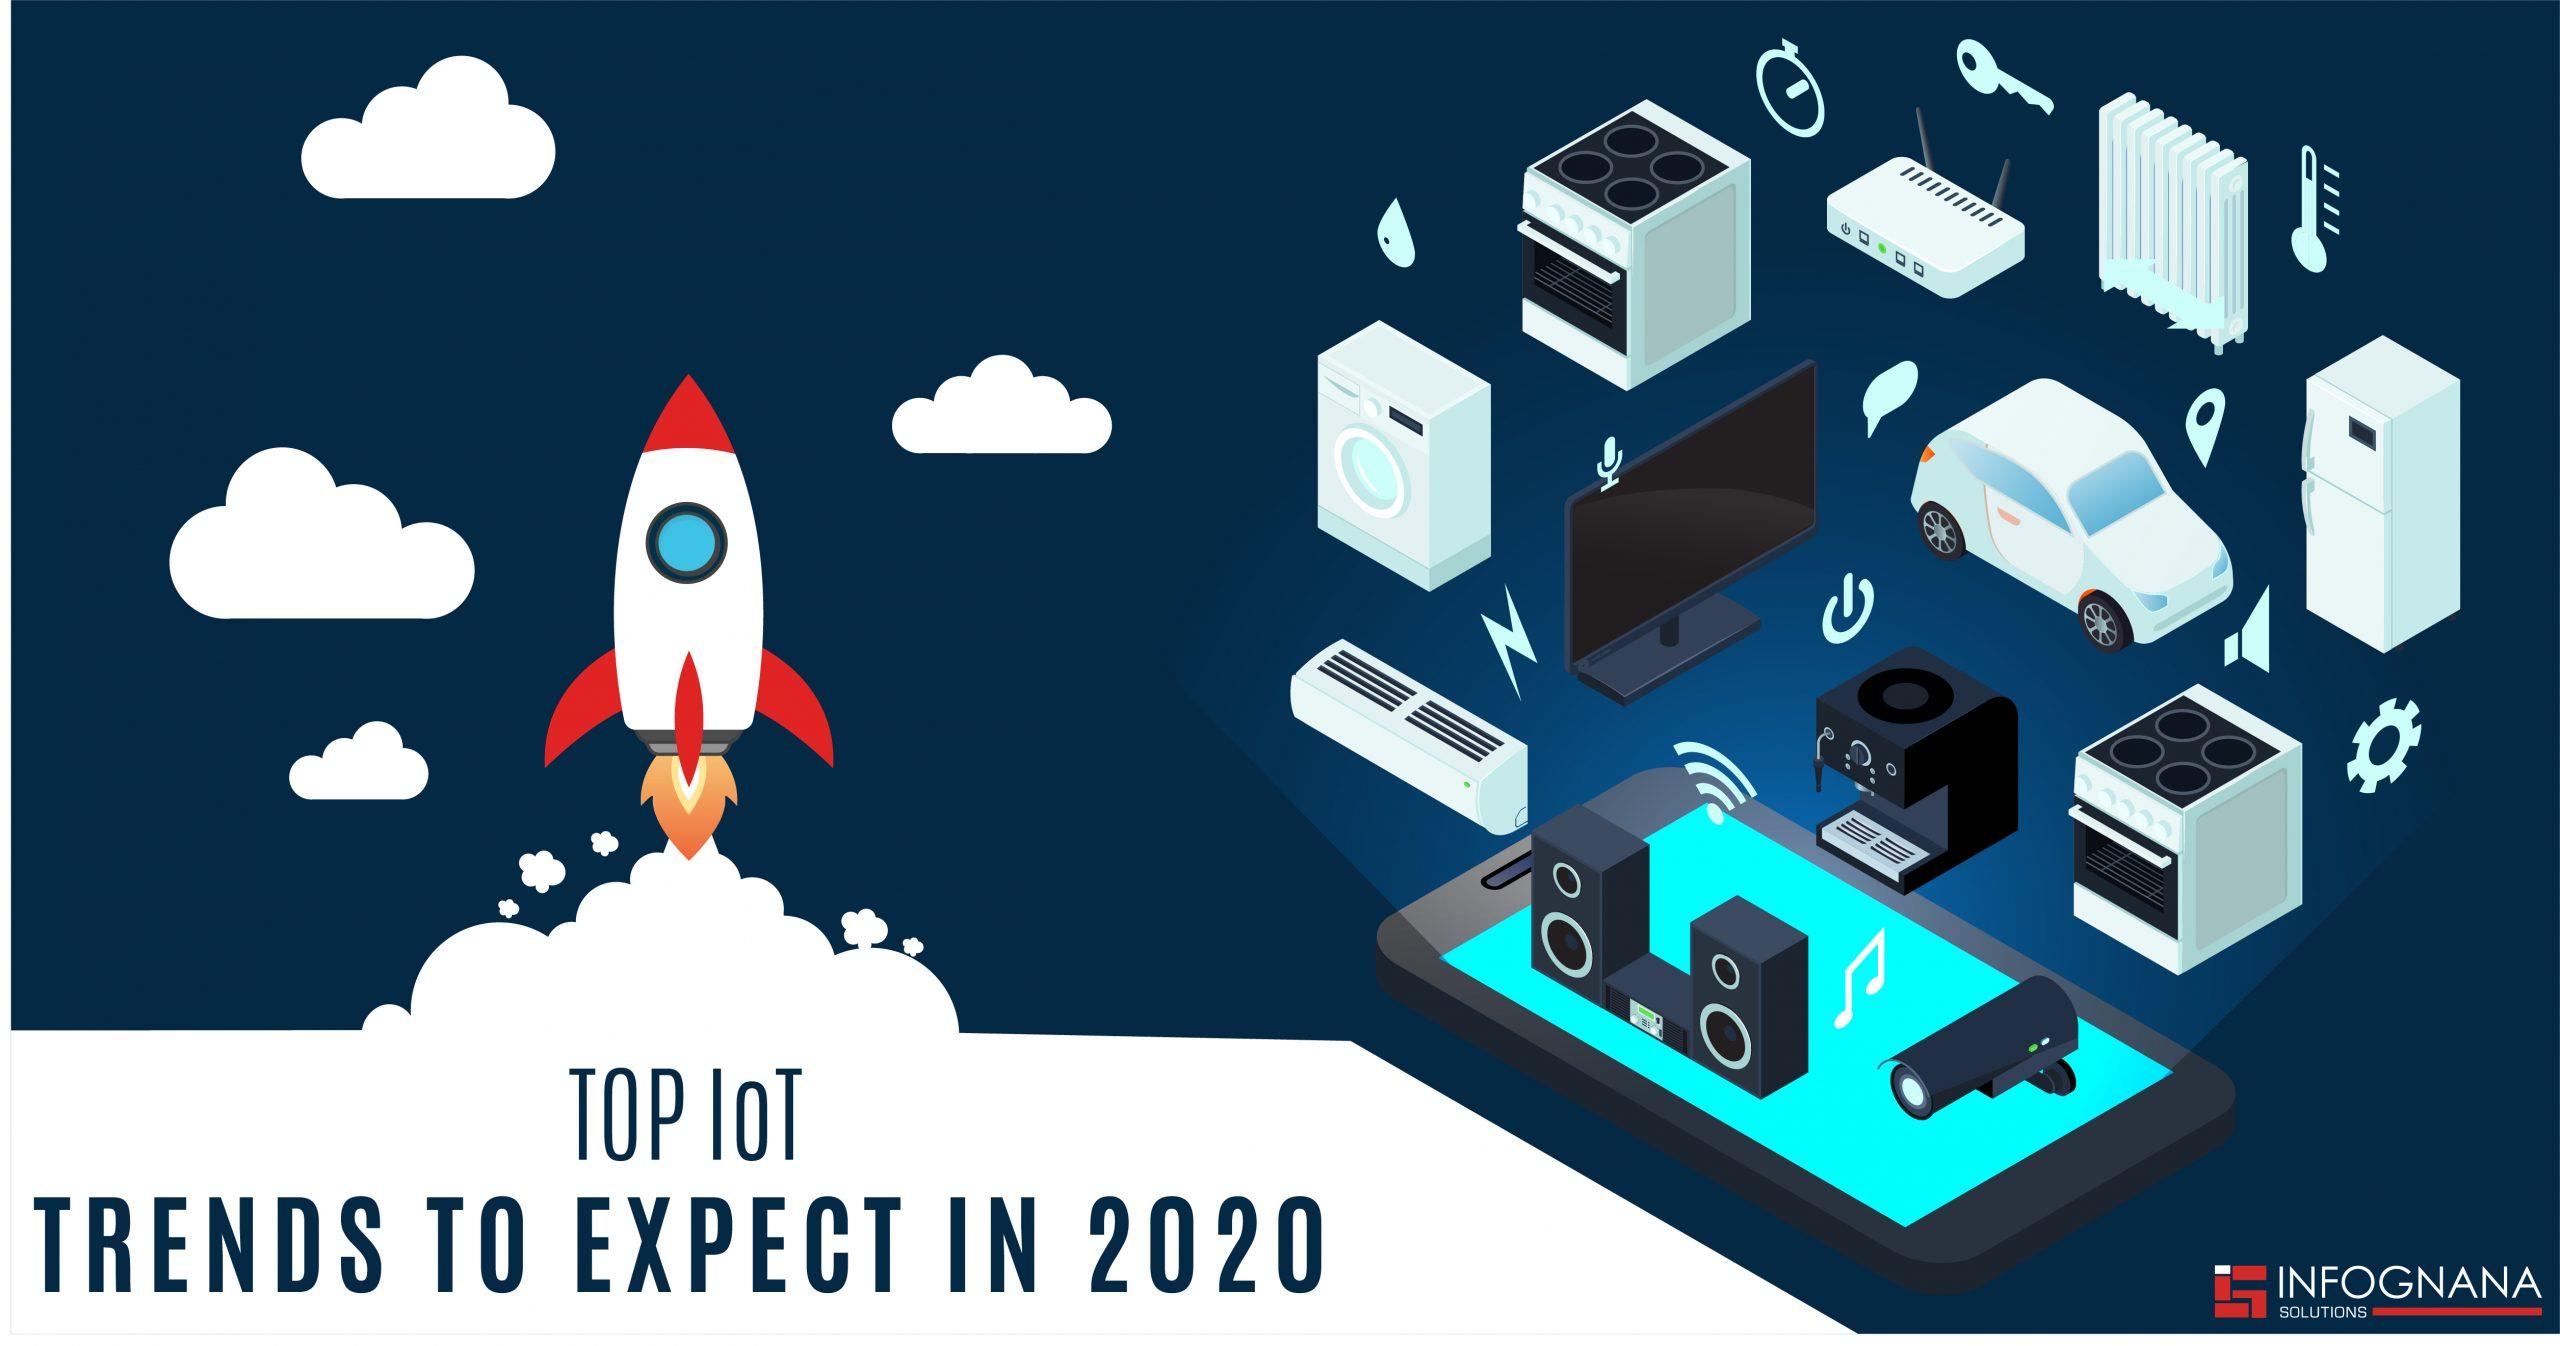 Top IoT Trends in 2020